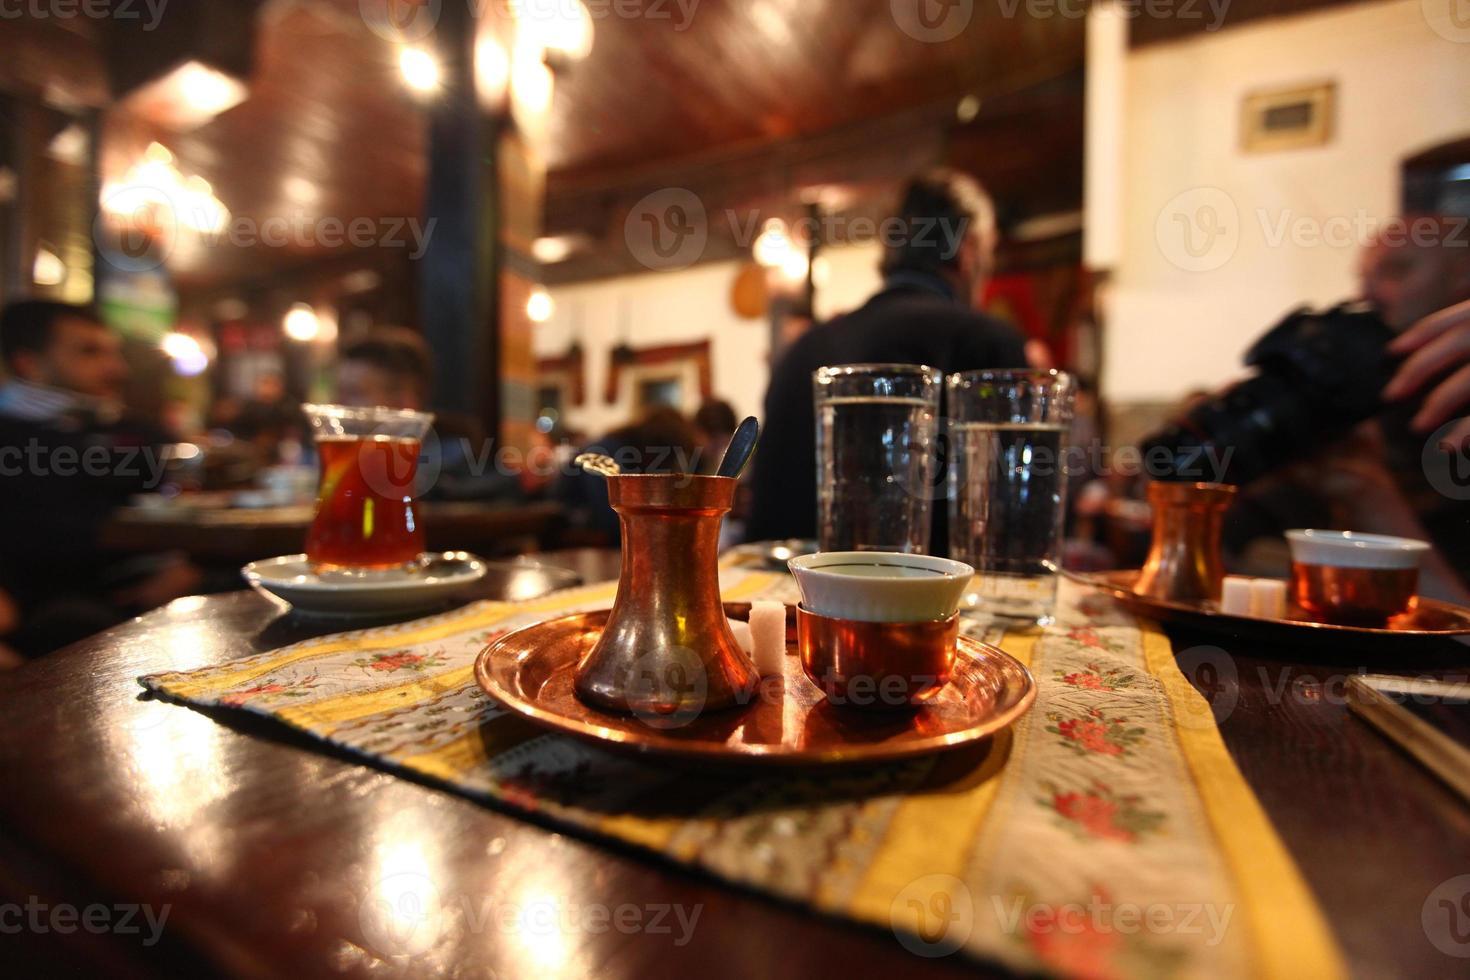 traditionell servierter bosnischer kaffee foto